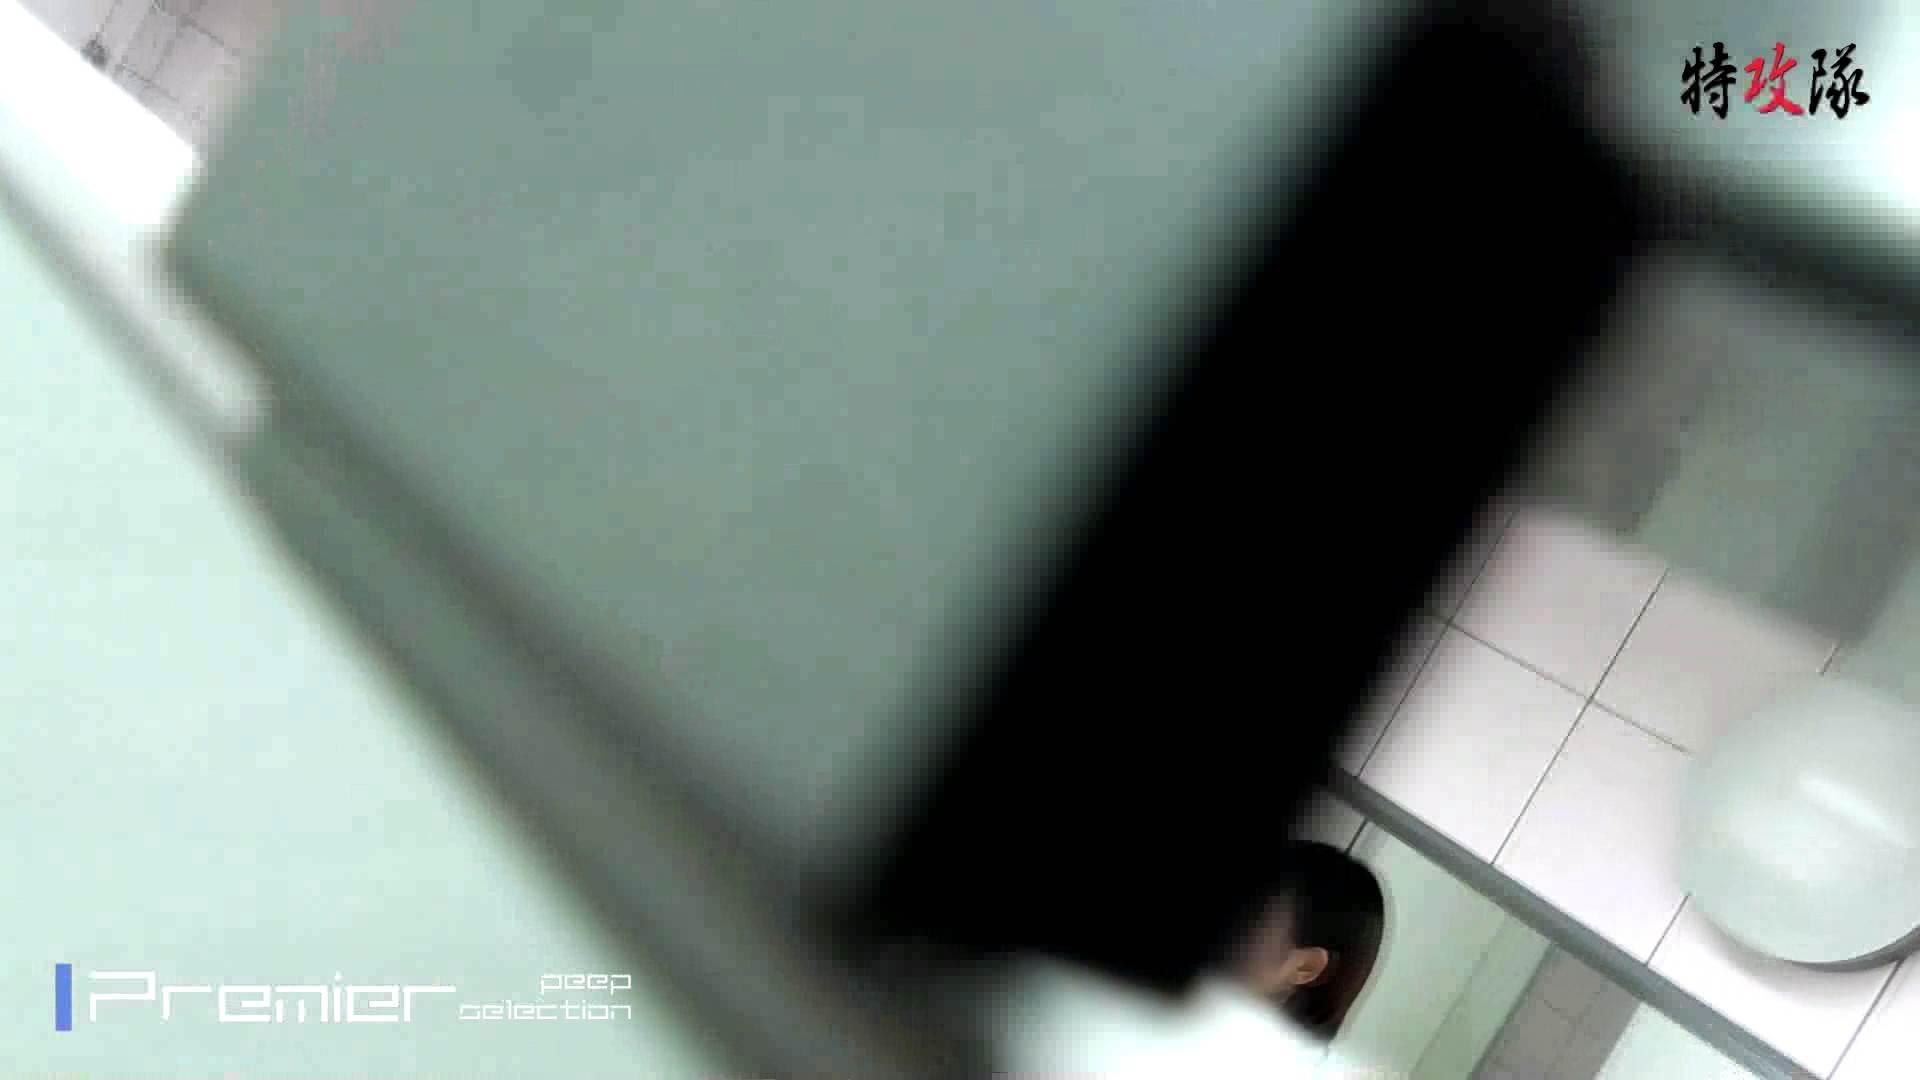 ▲2017_06位▲ 【01位 2016】幻 01 ガールの盗撮 エロ画像 74枚